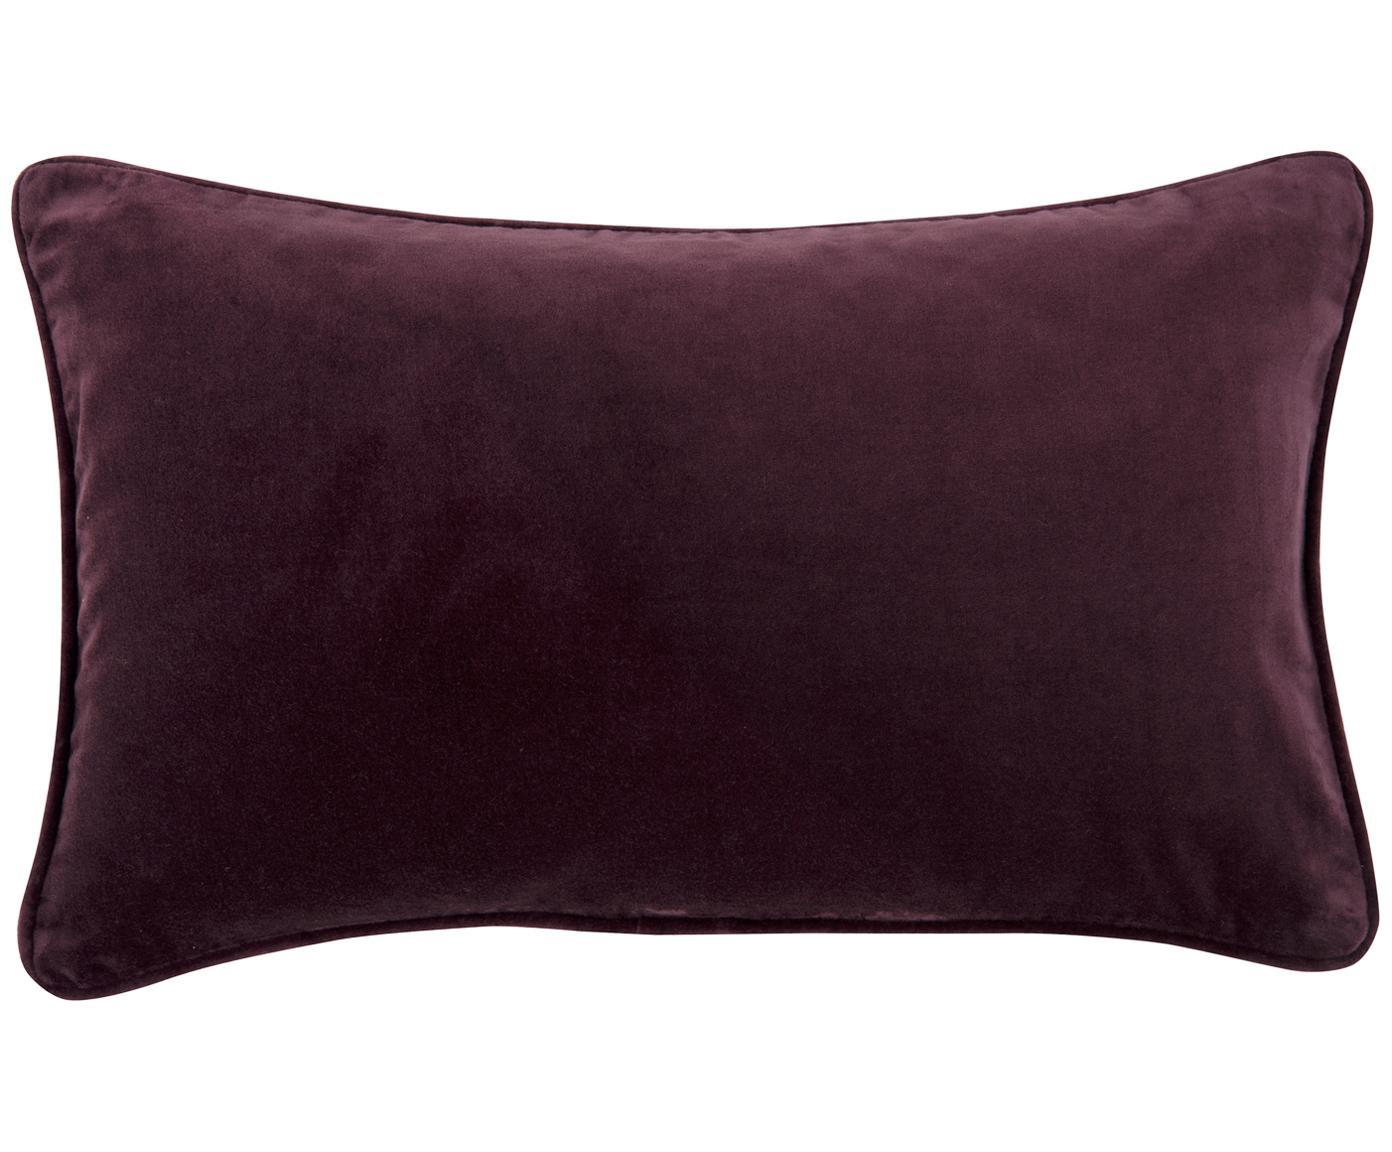 Einfarbige Samt-Kissenhülle Dana in Aubergine, 100% Baumwollsamt, Aubergine, 30 x 50 cm